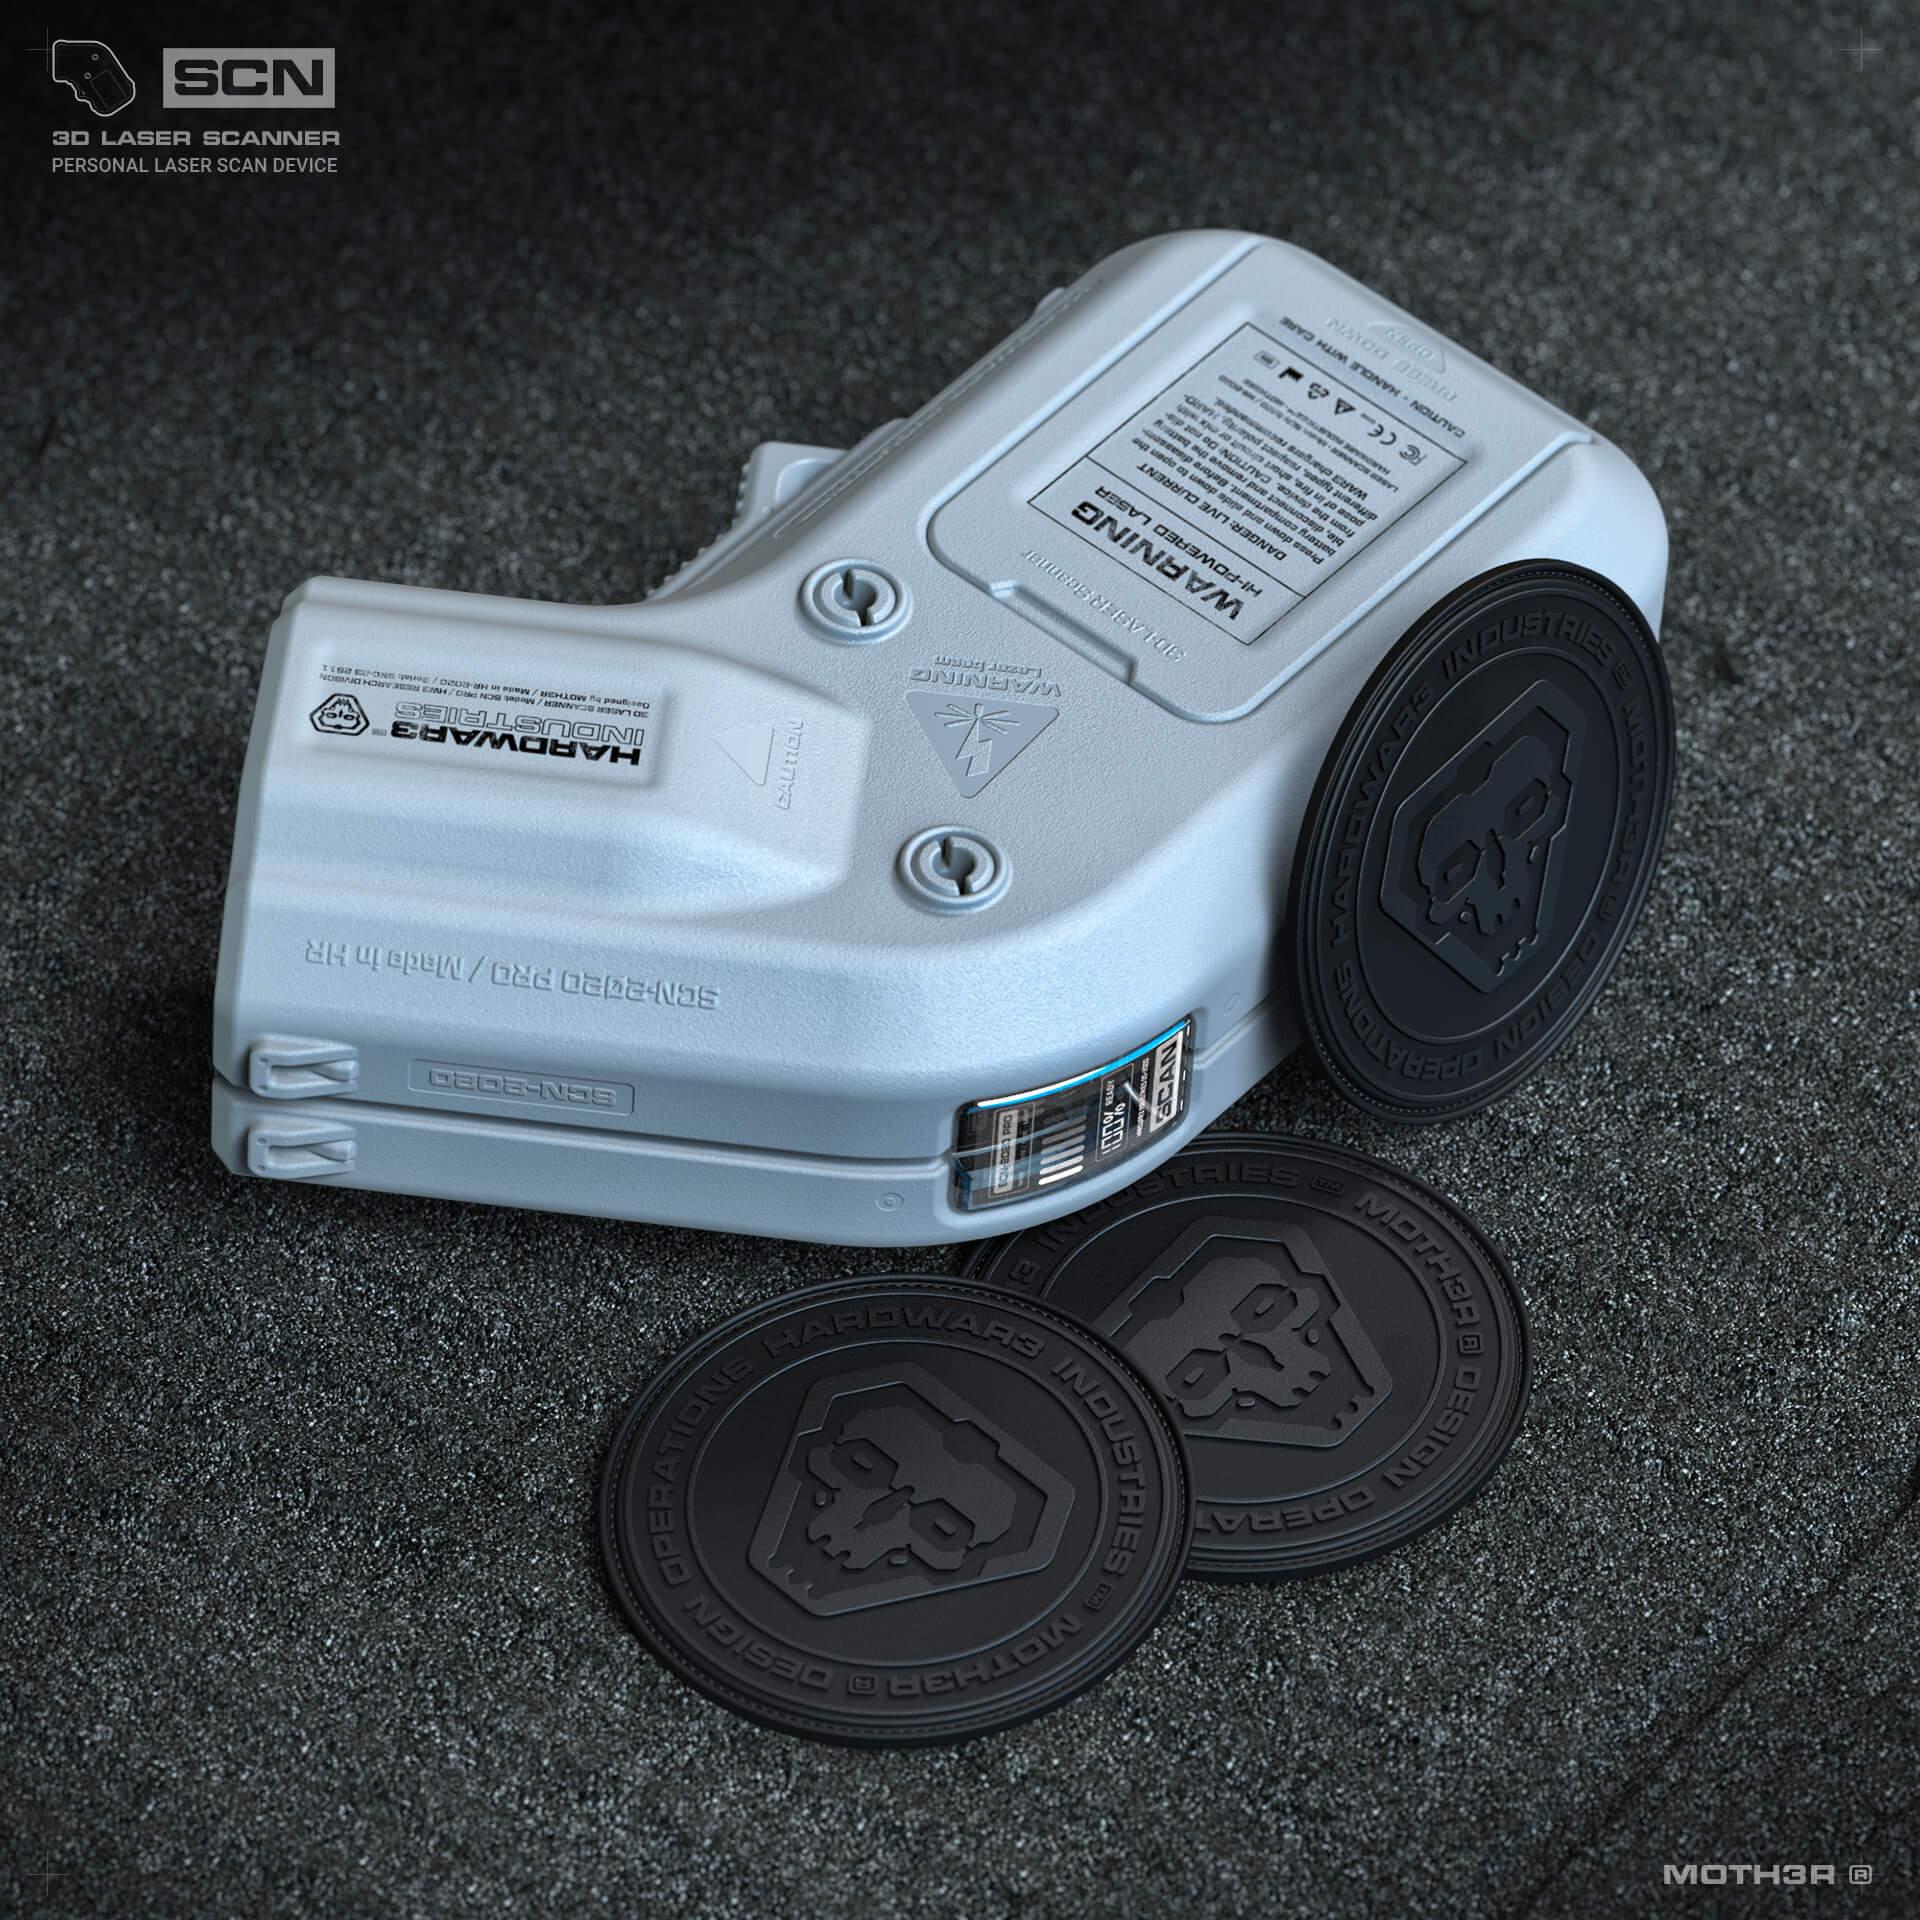 Scanner-001.98